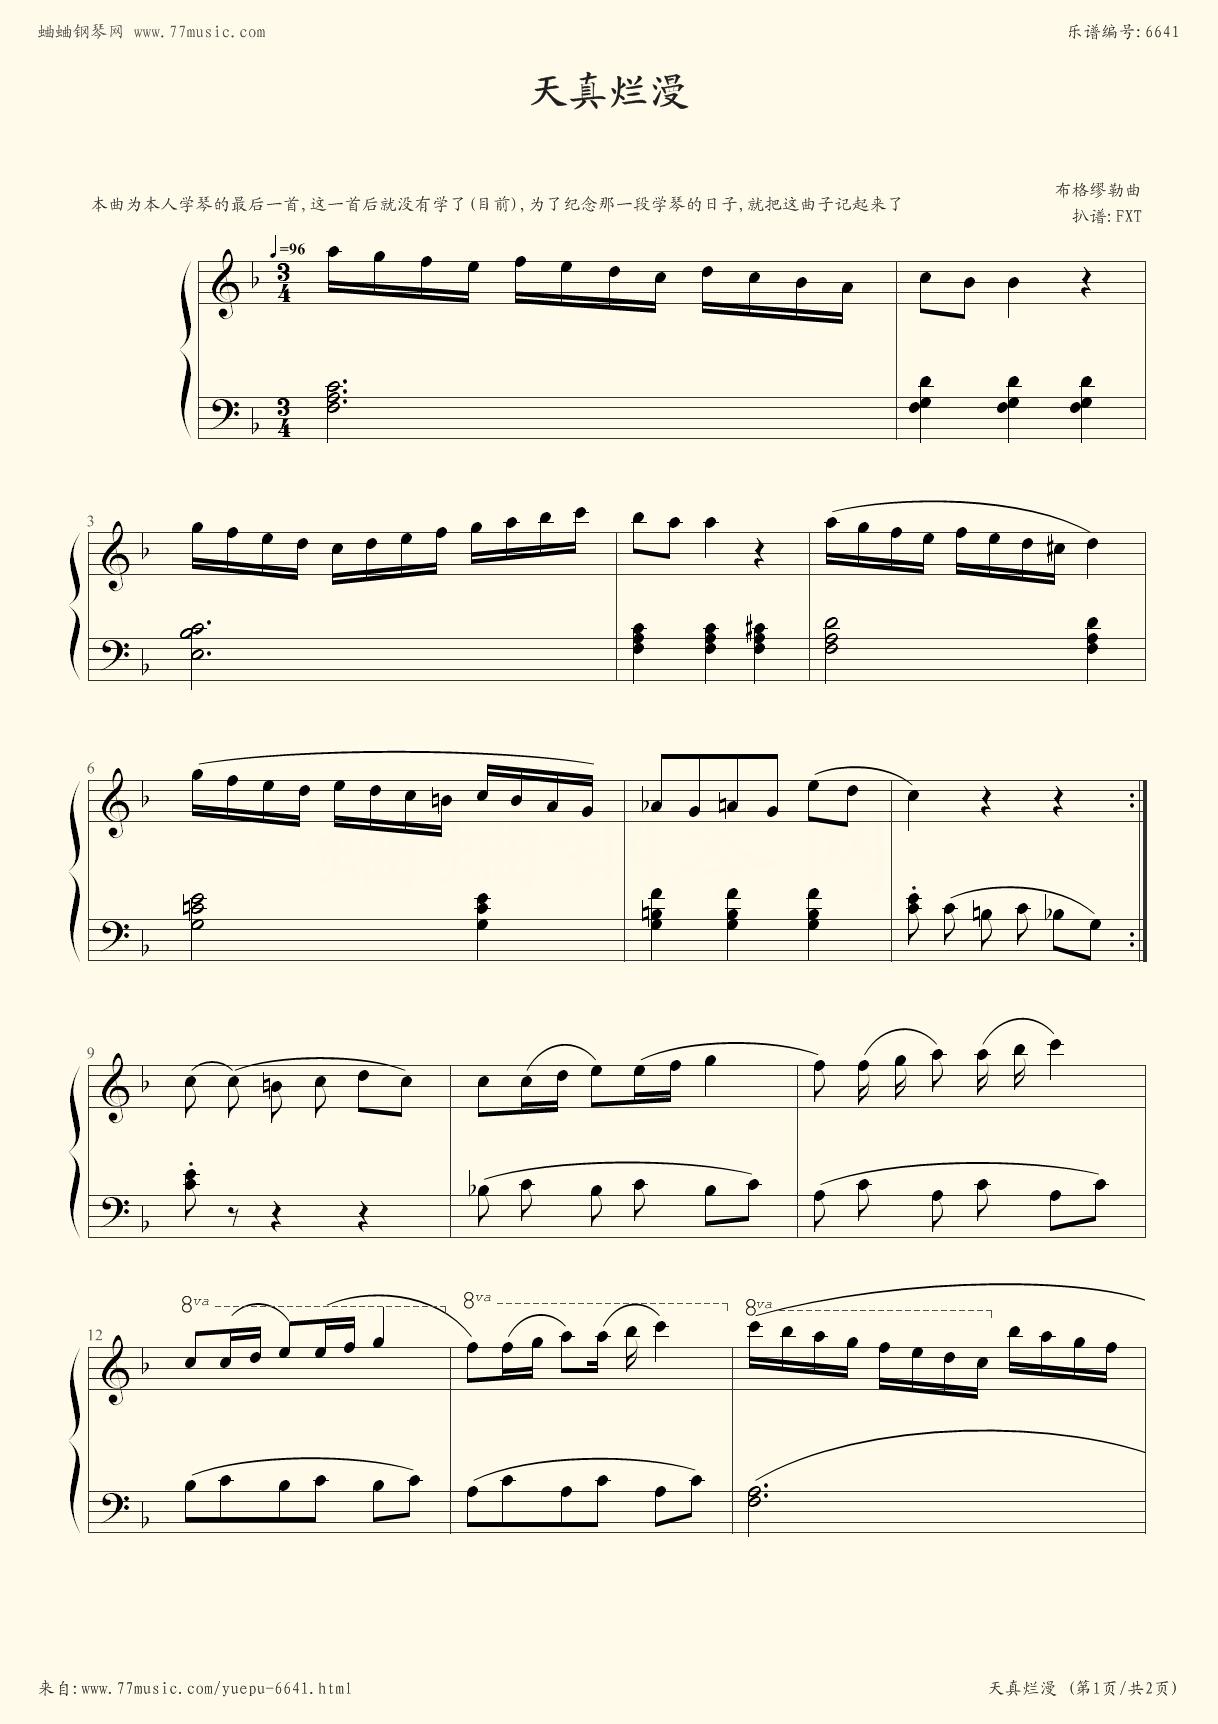 天真烂漫钢琴简谱图片